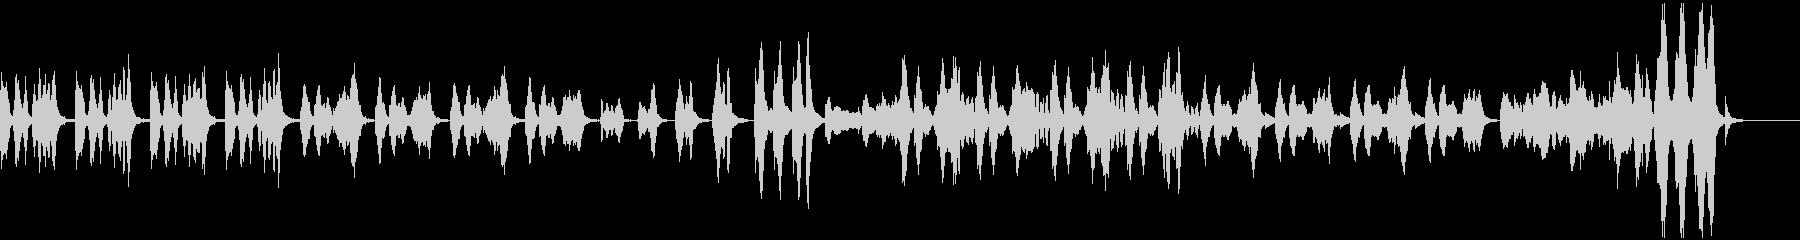 ゲーム メニュー レトロの未再生の波形